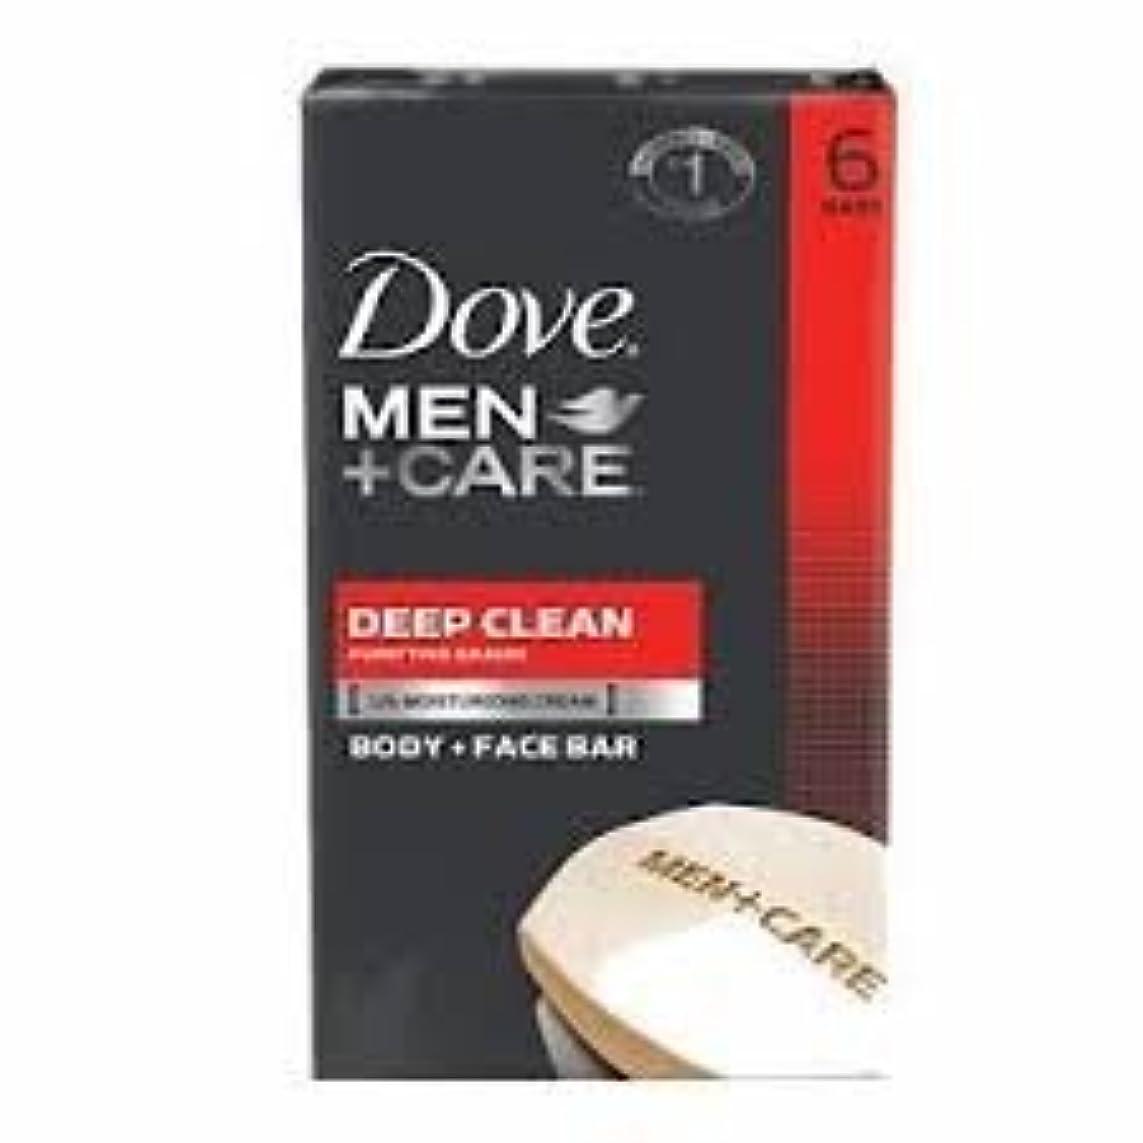 過度の手荷物財政Dove Men + Care Body and Face Bar, Deep Clean 4oz x 6Bars ダブ メン プラスケア ディープ クリーン ソープ 4oz x 6個